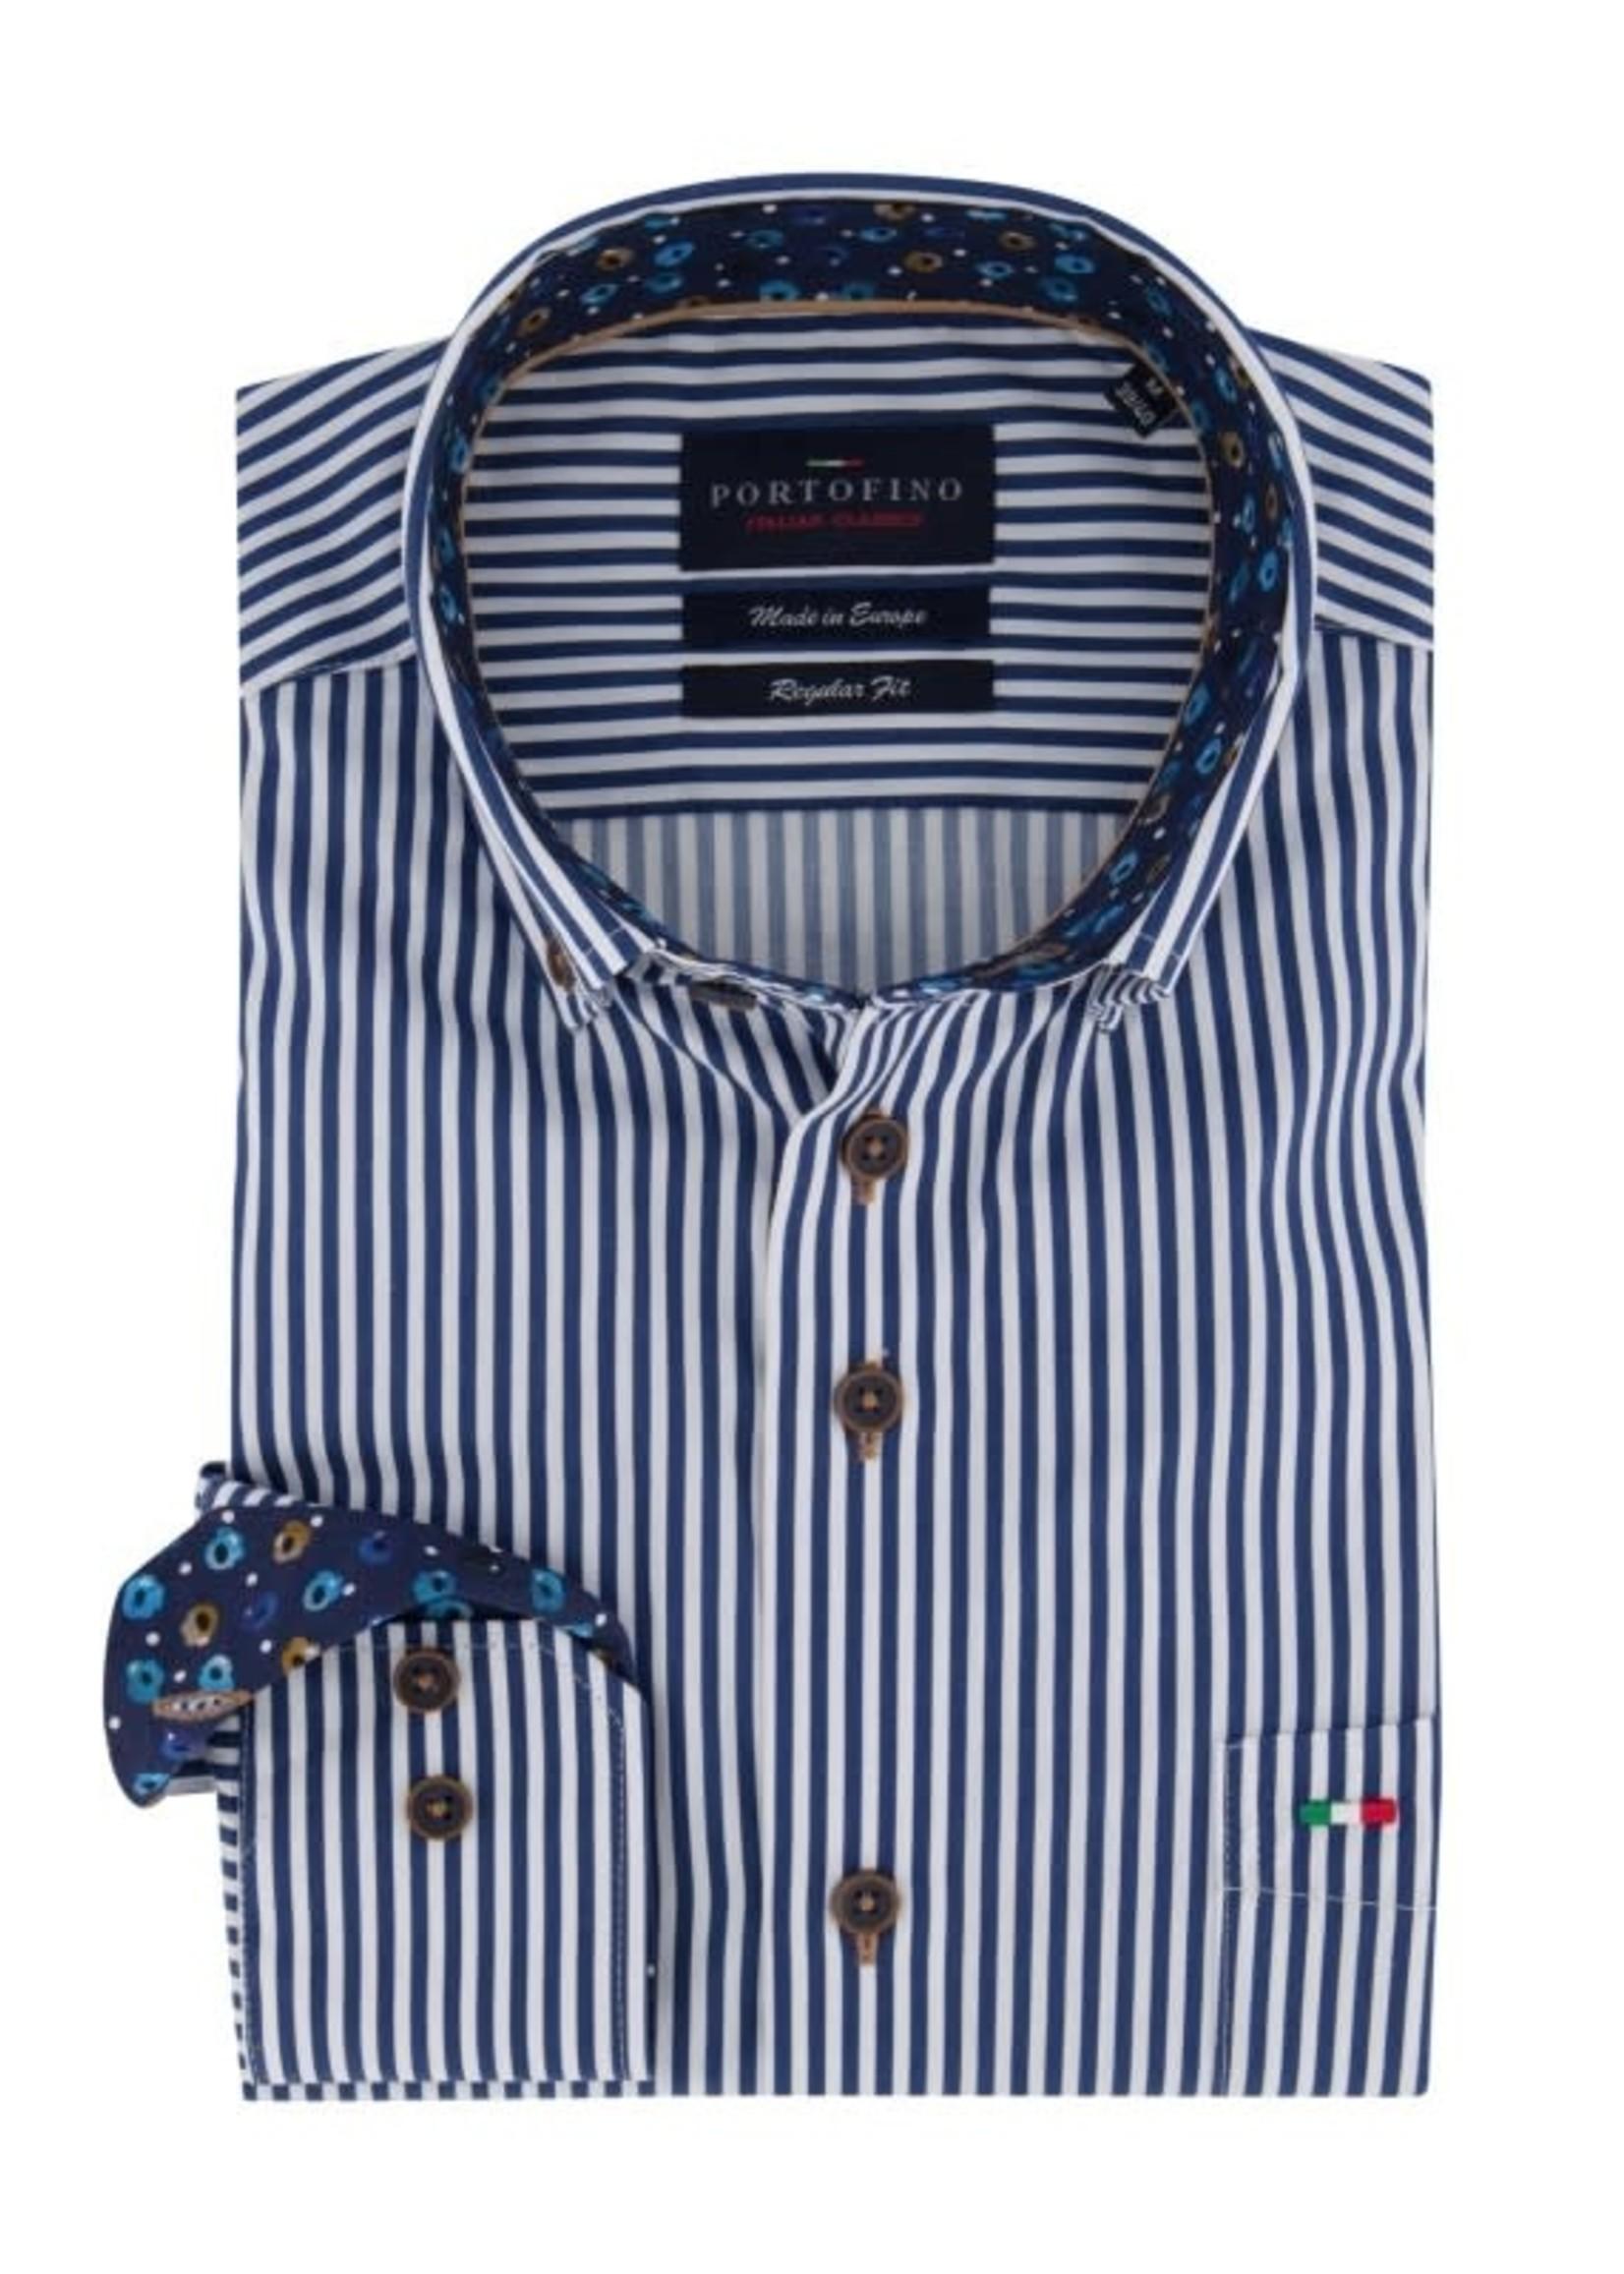 Portofino overhemd marine streep